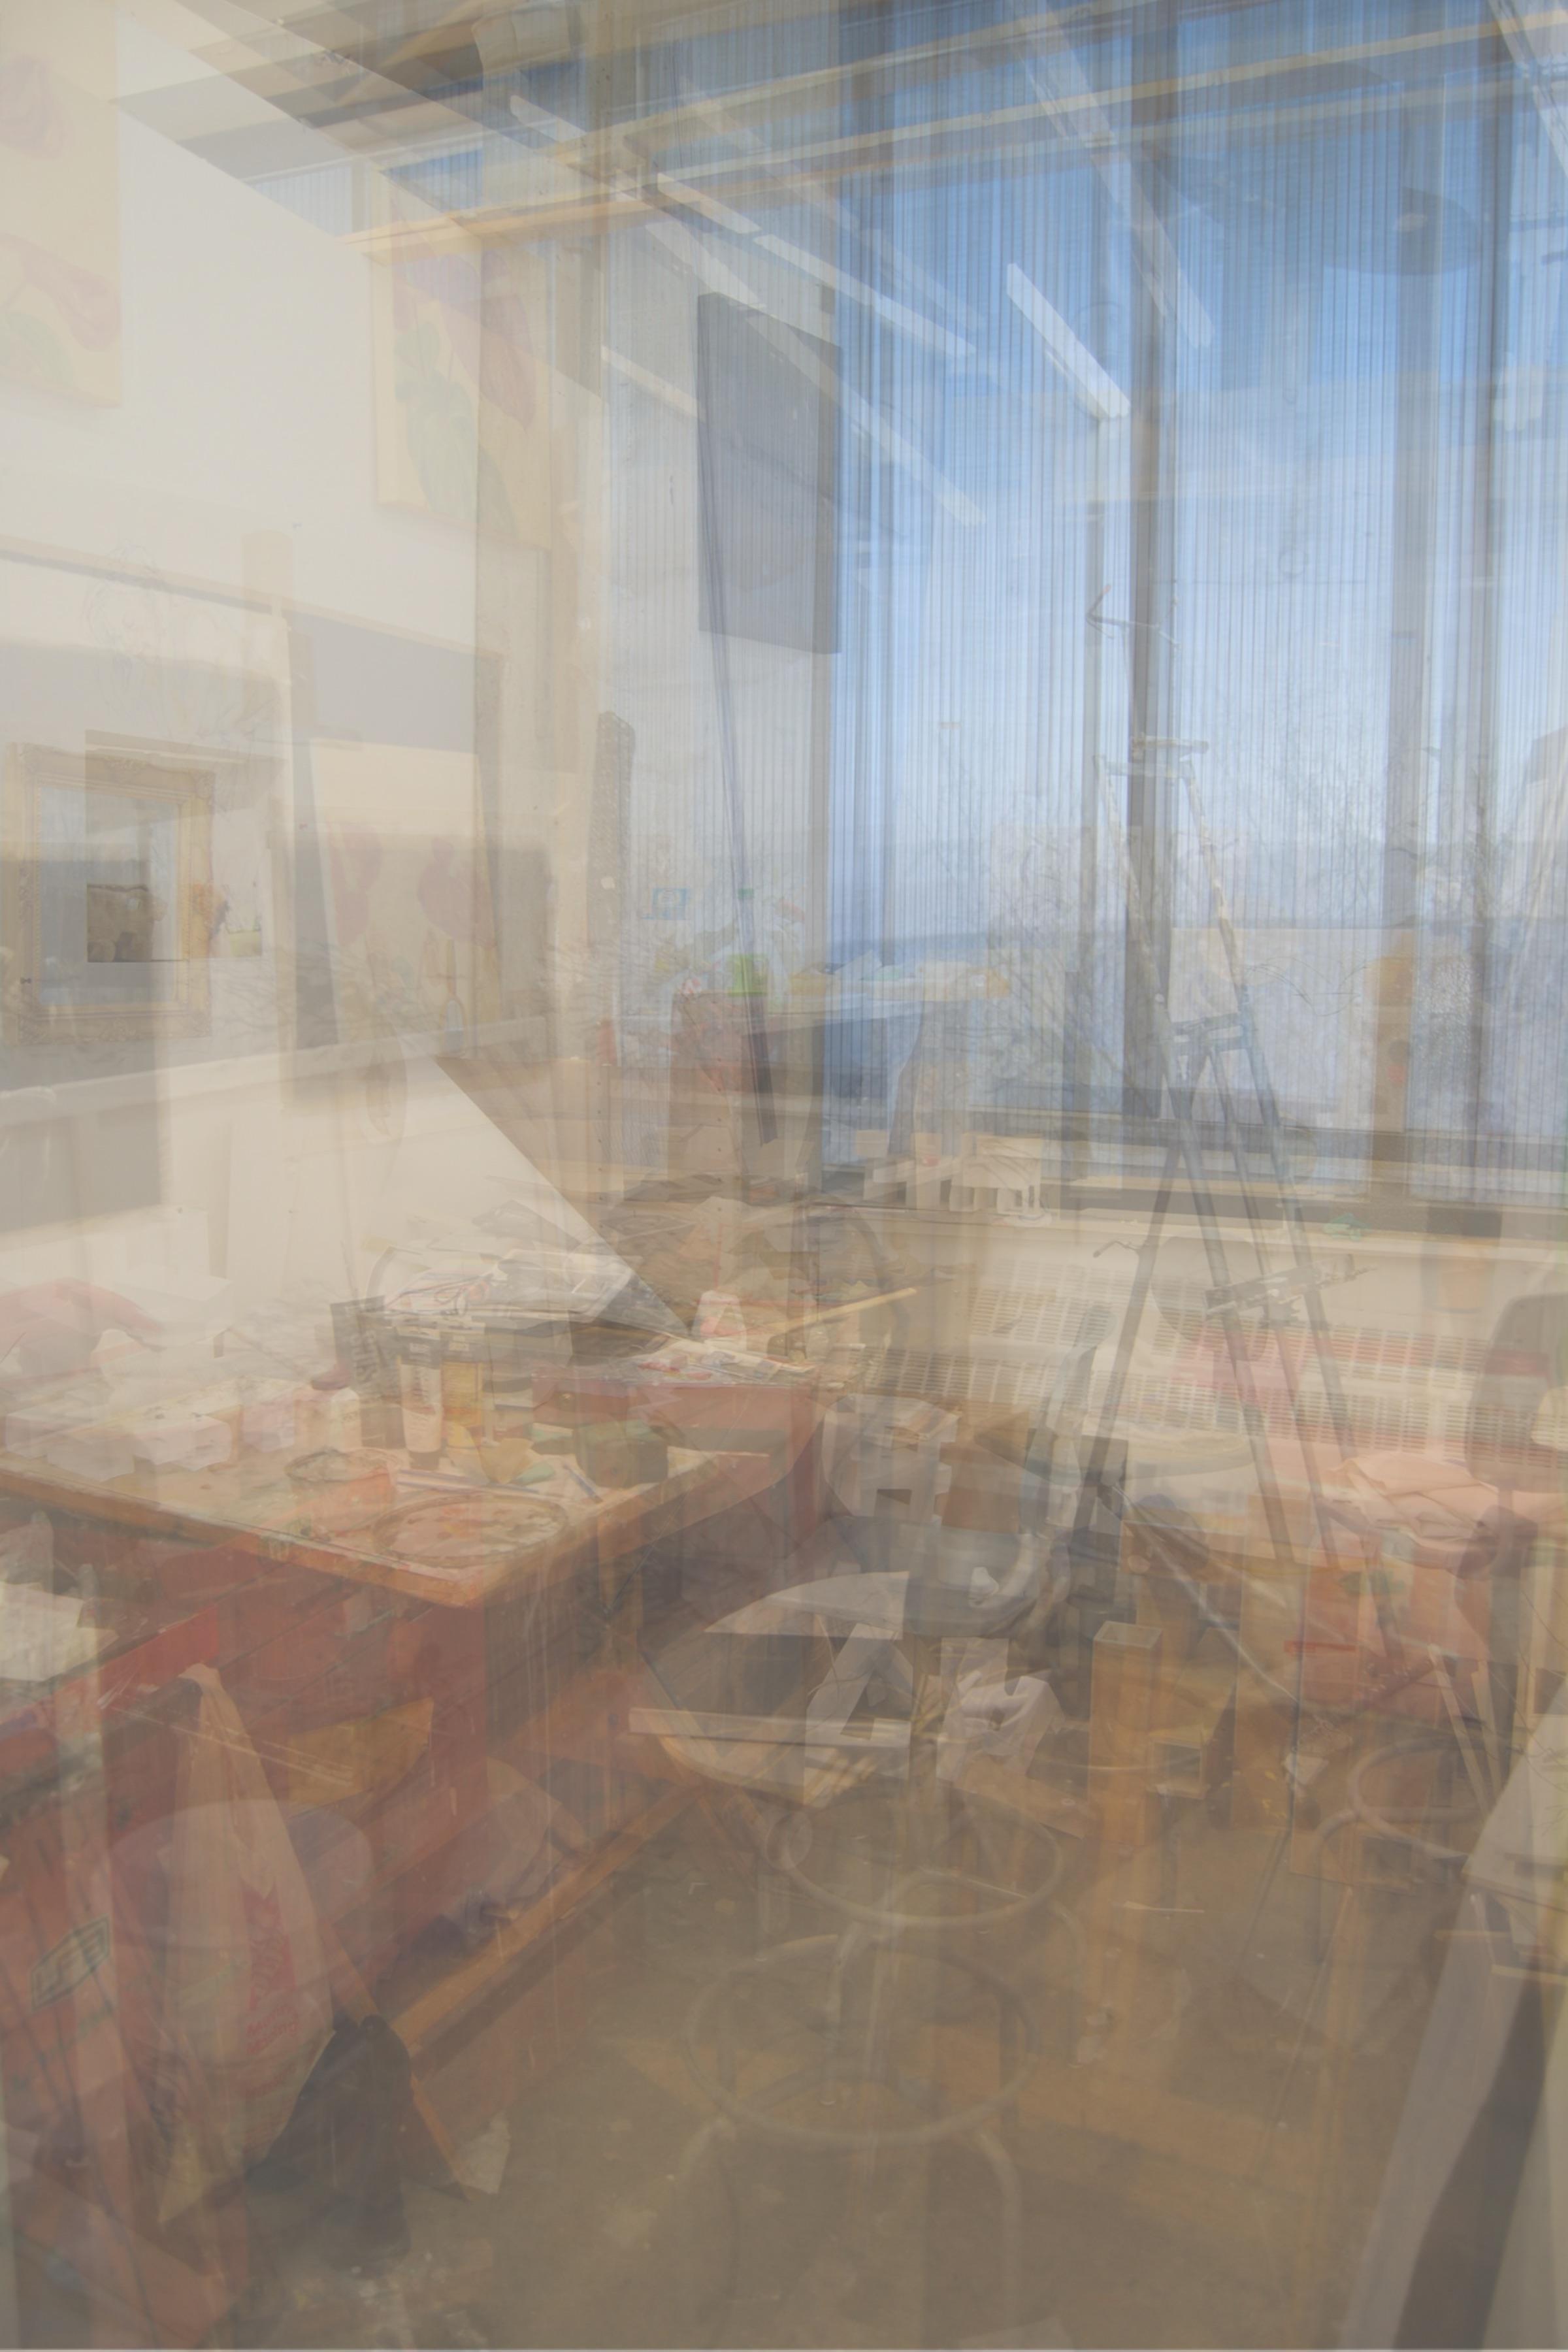 Twenty Four Studio Spaces, 2010